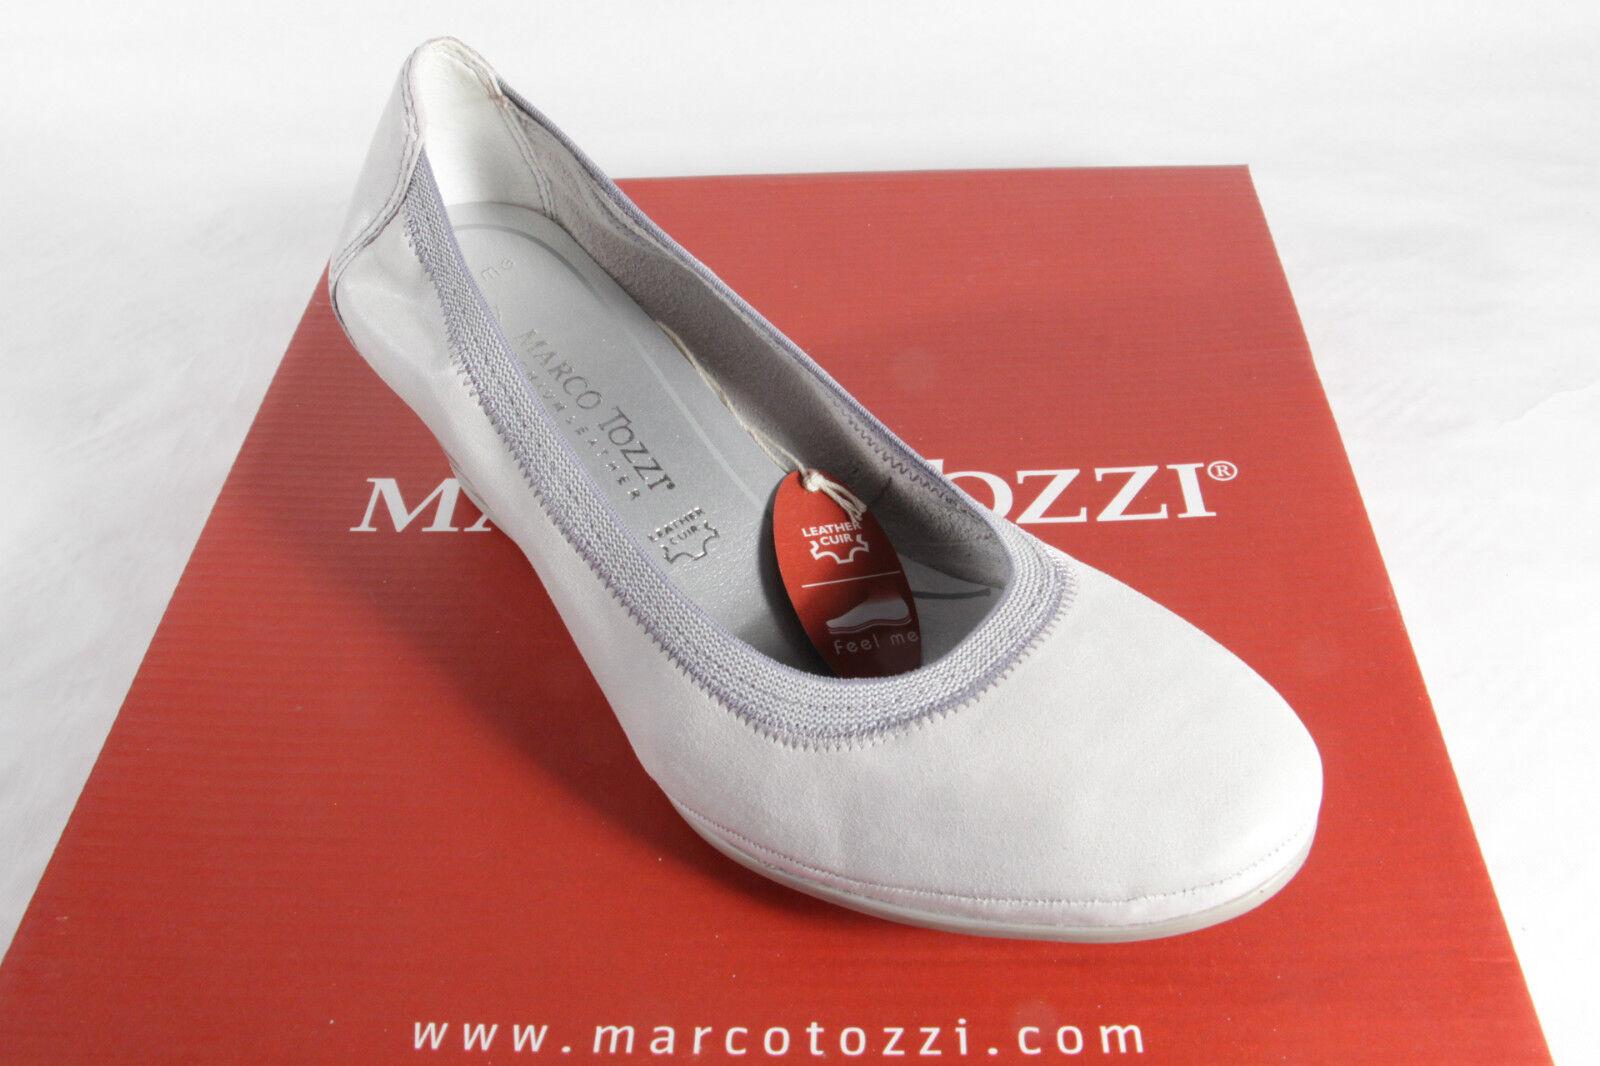 Marco Tozzi Slipper Pumps Ballerina Slipper Tozzi hellgrau weiche Innensohle Echtleder NEU! 6f3cef